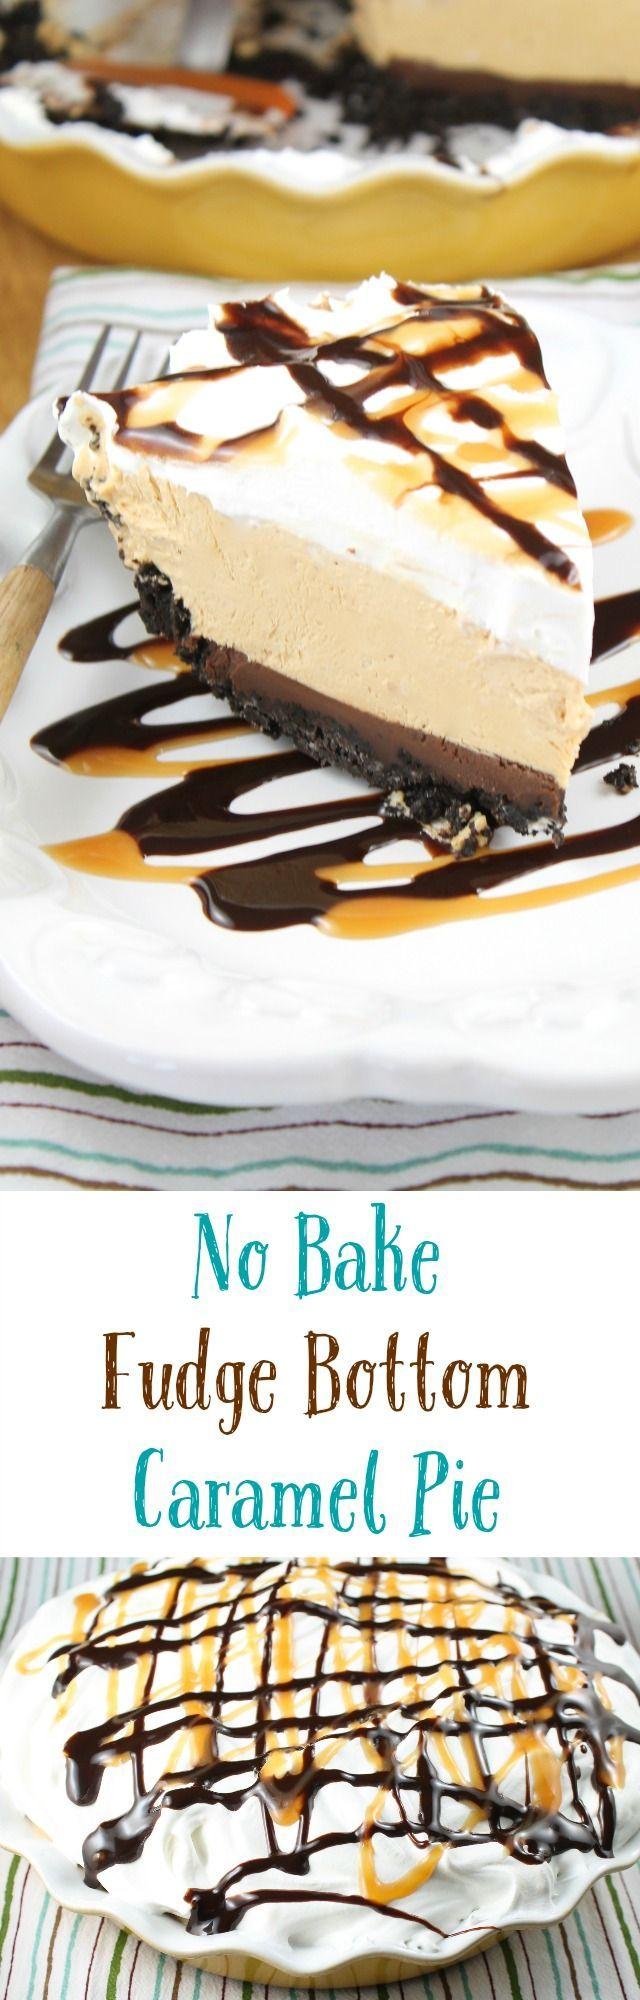 No Bake Fudge Bottom Caramel Pie Recipe found at missinthekitchen.com #WayfairPieBakeOff